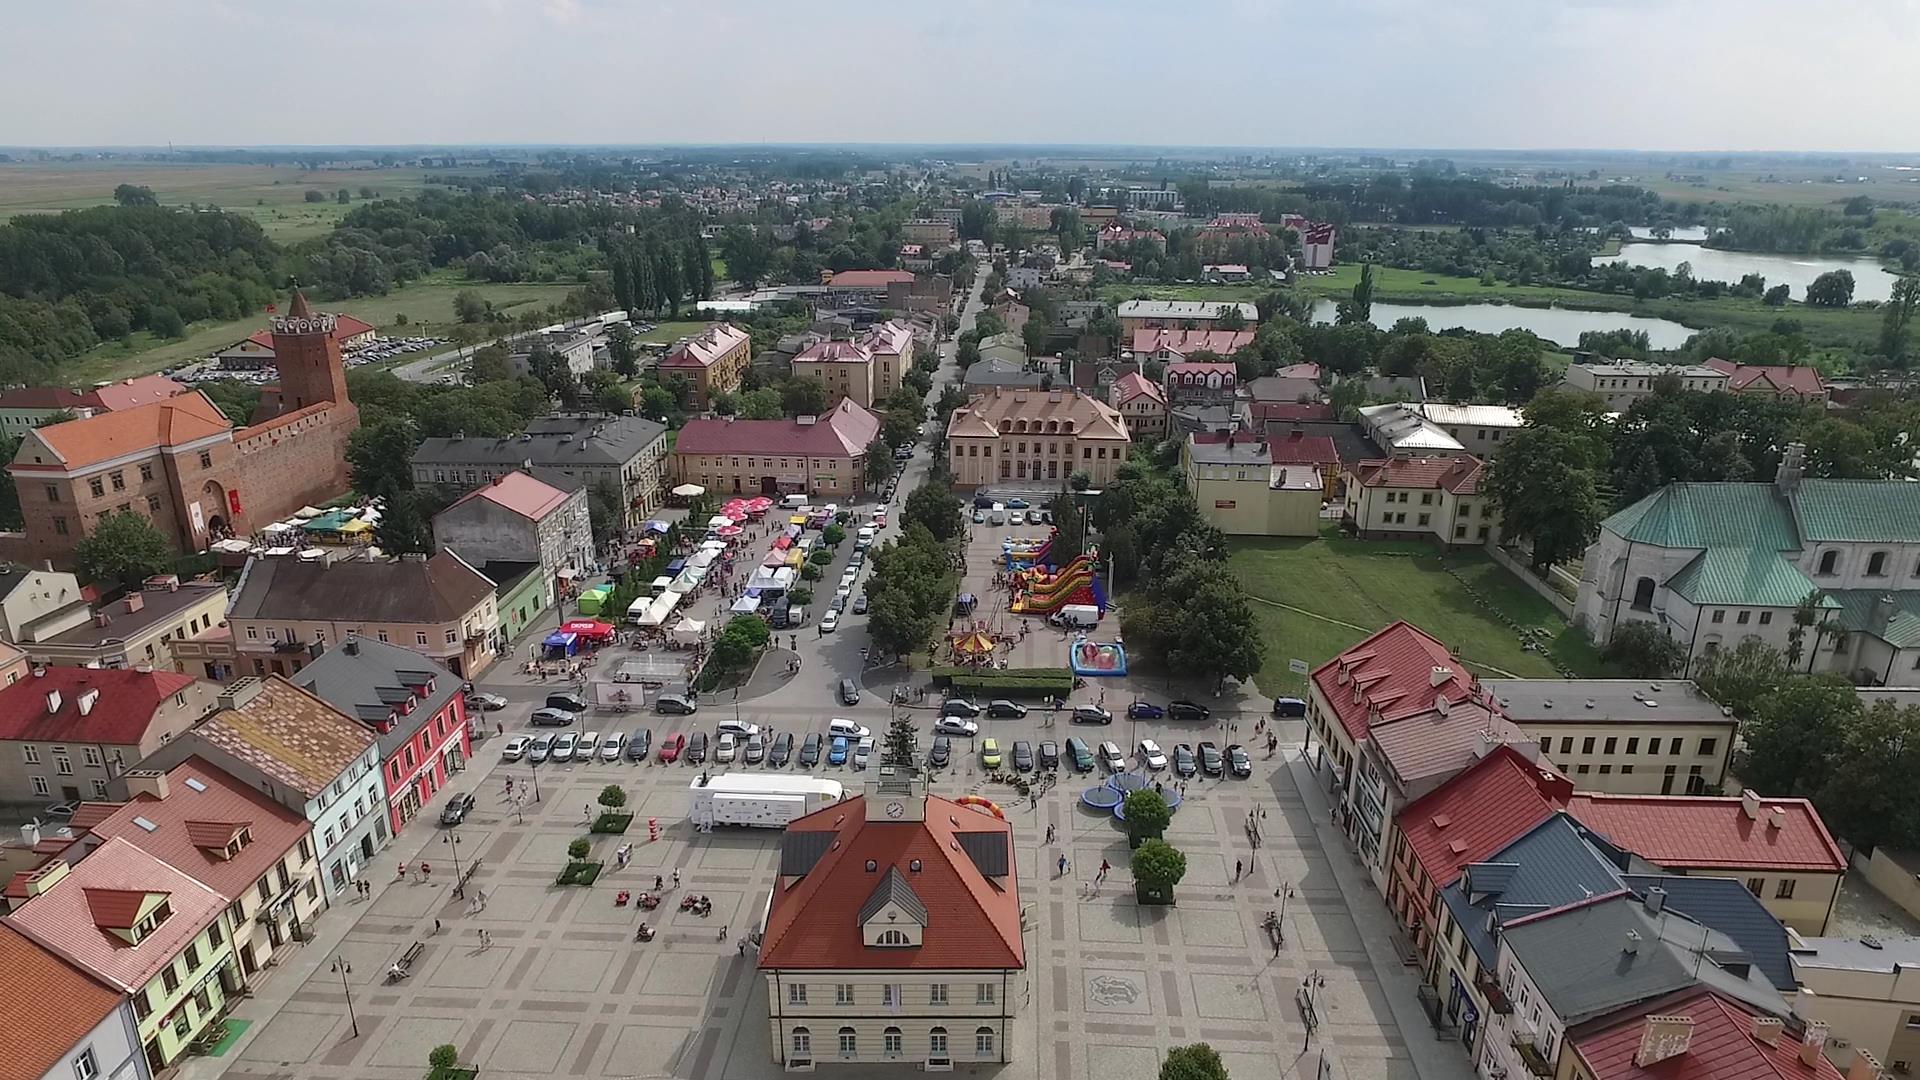 Turniej rycerski w Łęczycy z lotu ptaka